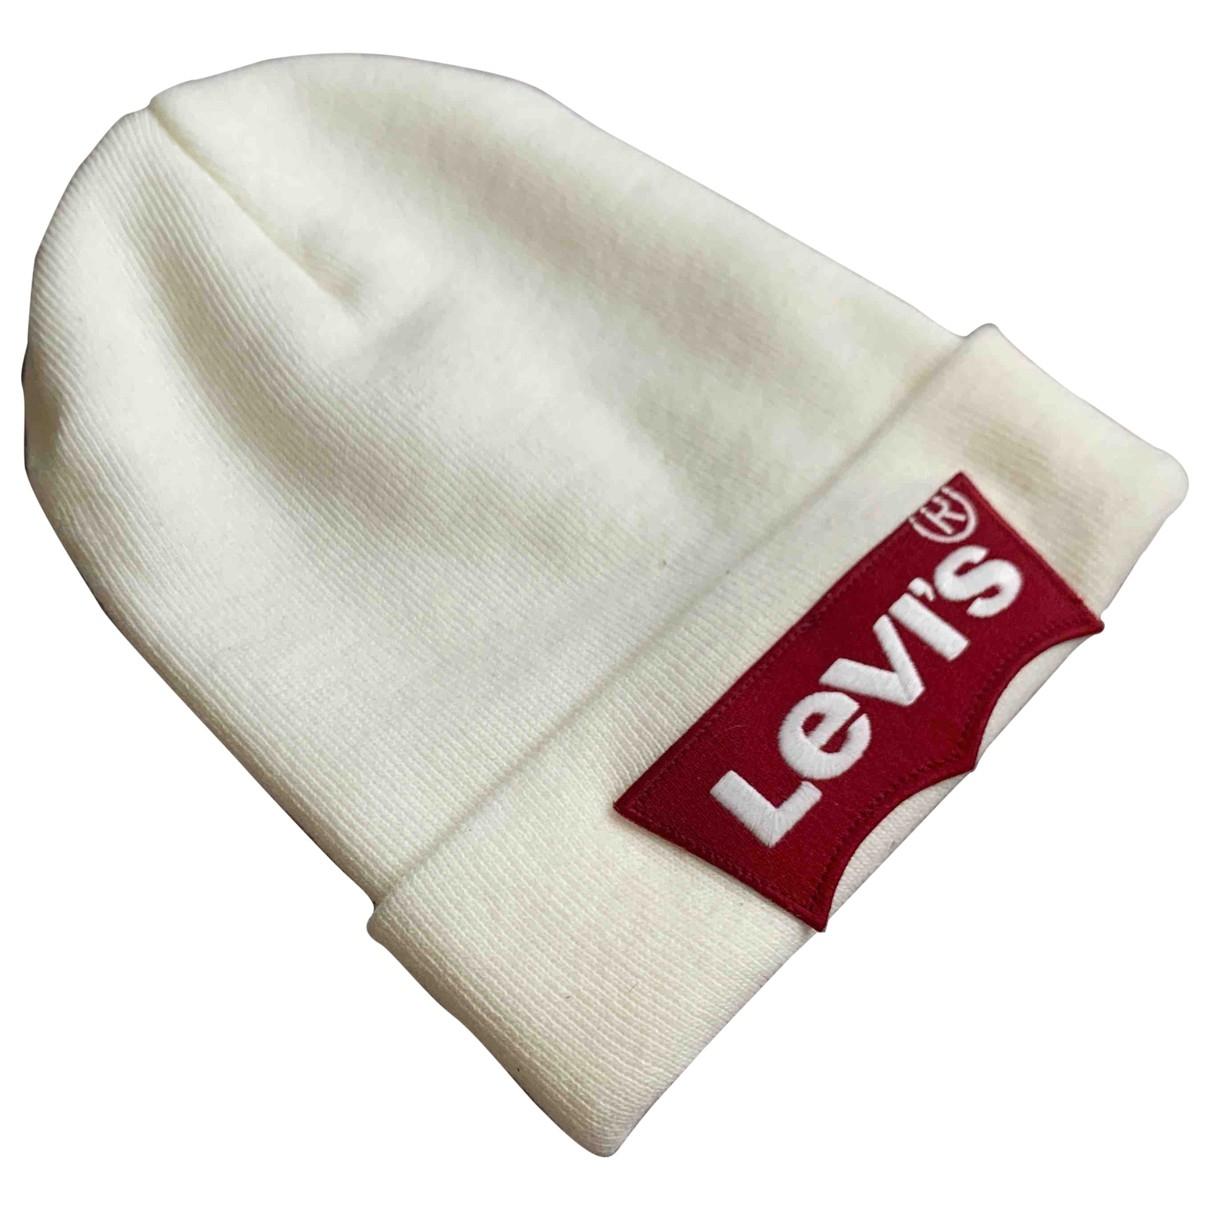 Levis - Chapeau & Bonnets   pour homme - beige